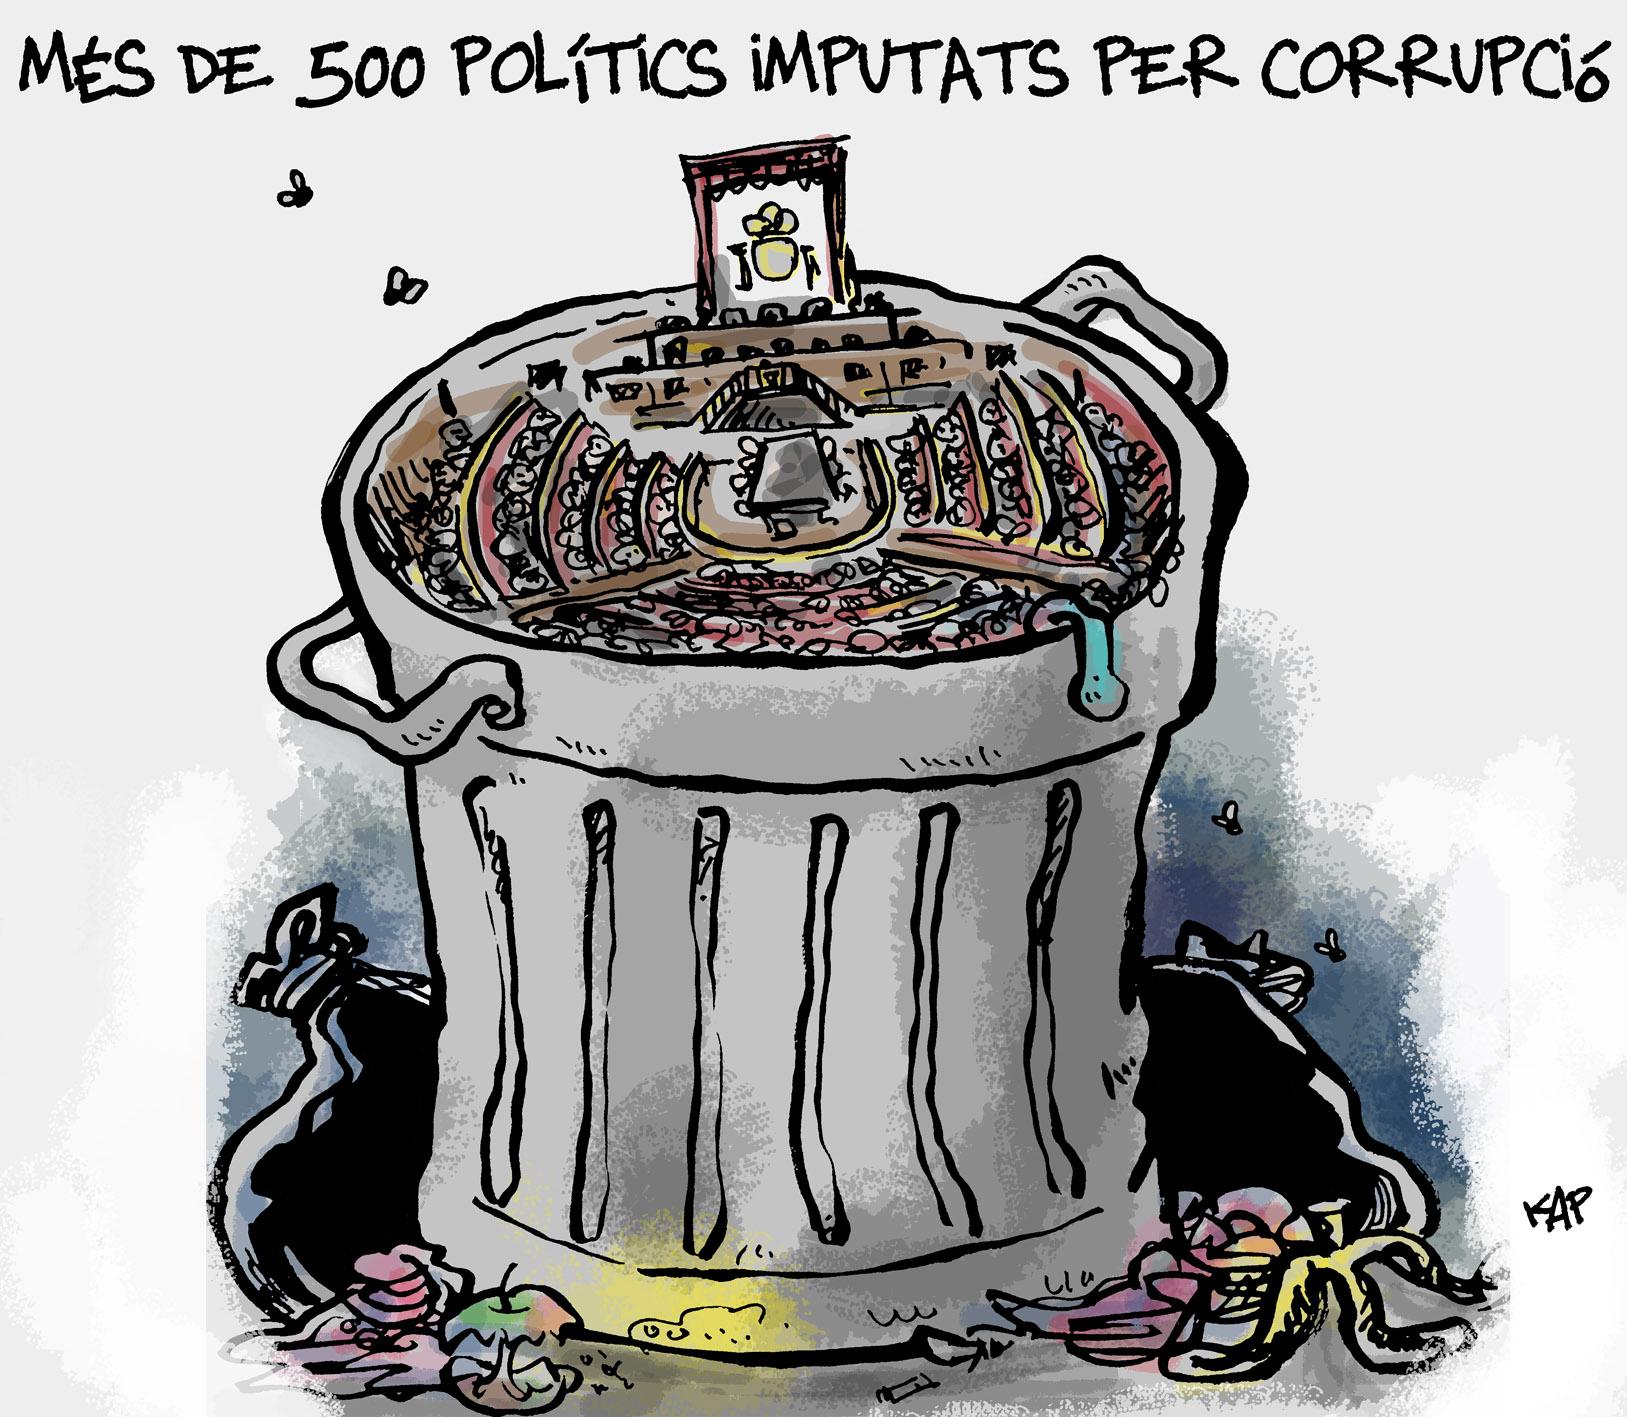 La nostra corrupció de cada dia | Kap